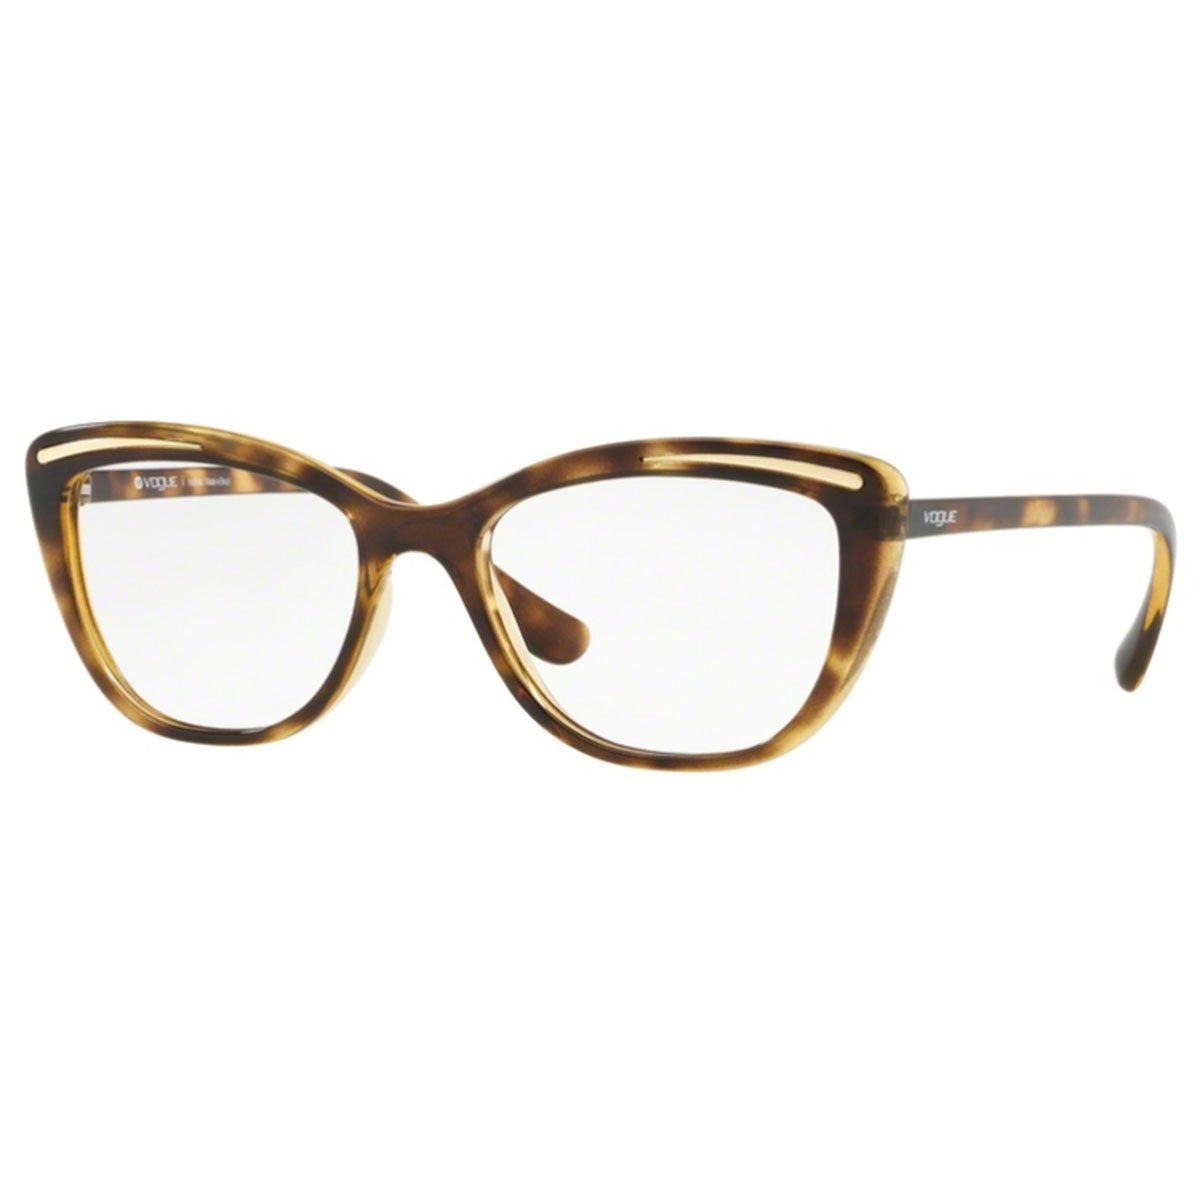 f2fe19cc1 Compre Óculos de Grau Vogue em 10X | Tri-Jóia Shop